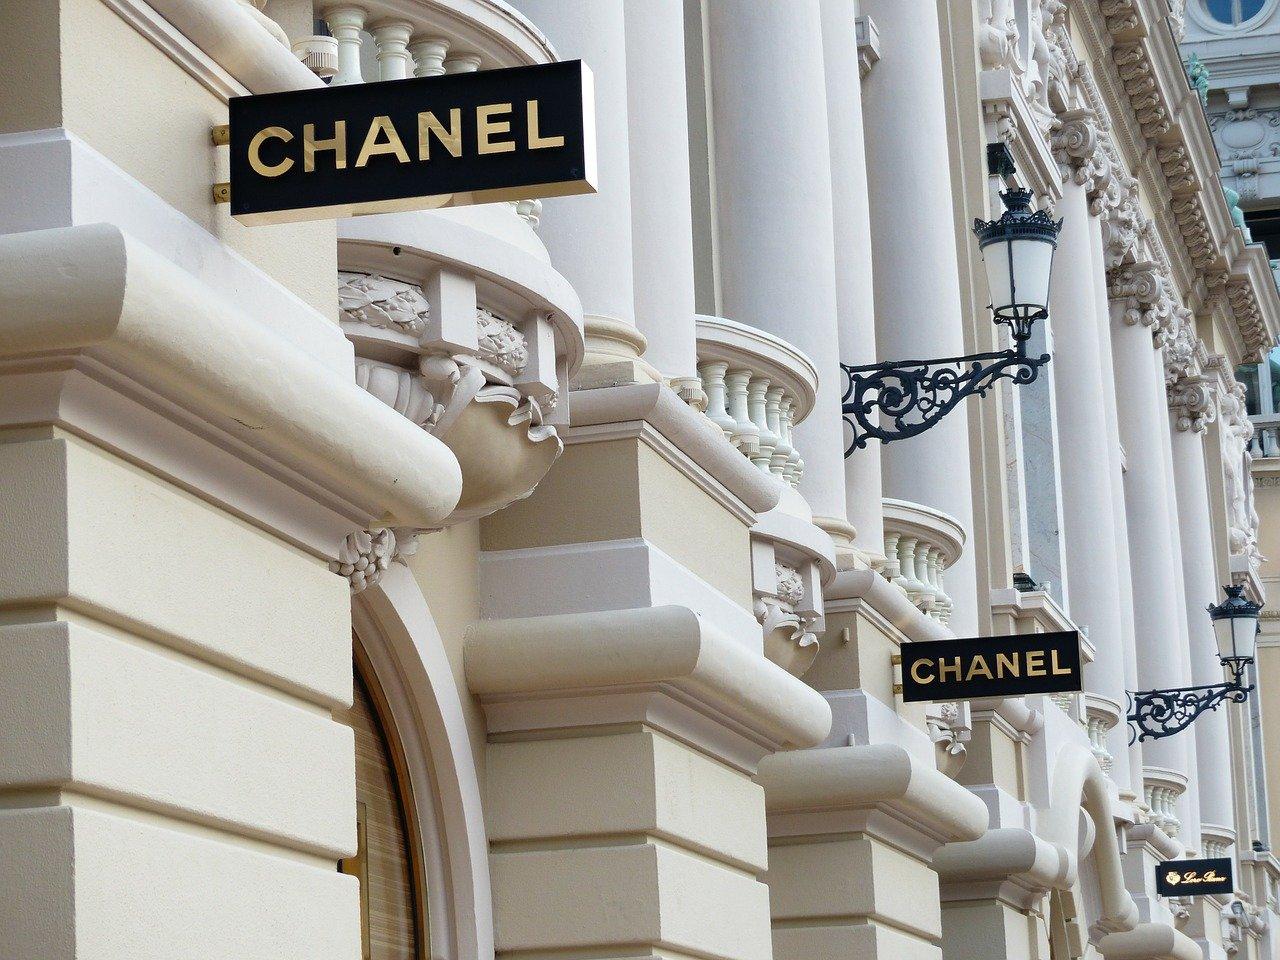 Chanel brand